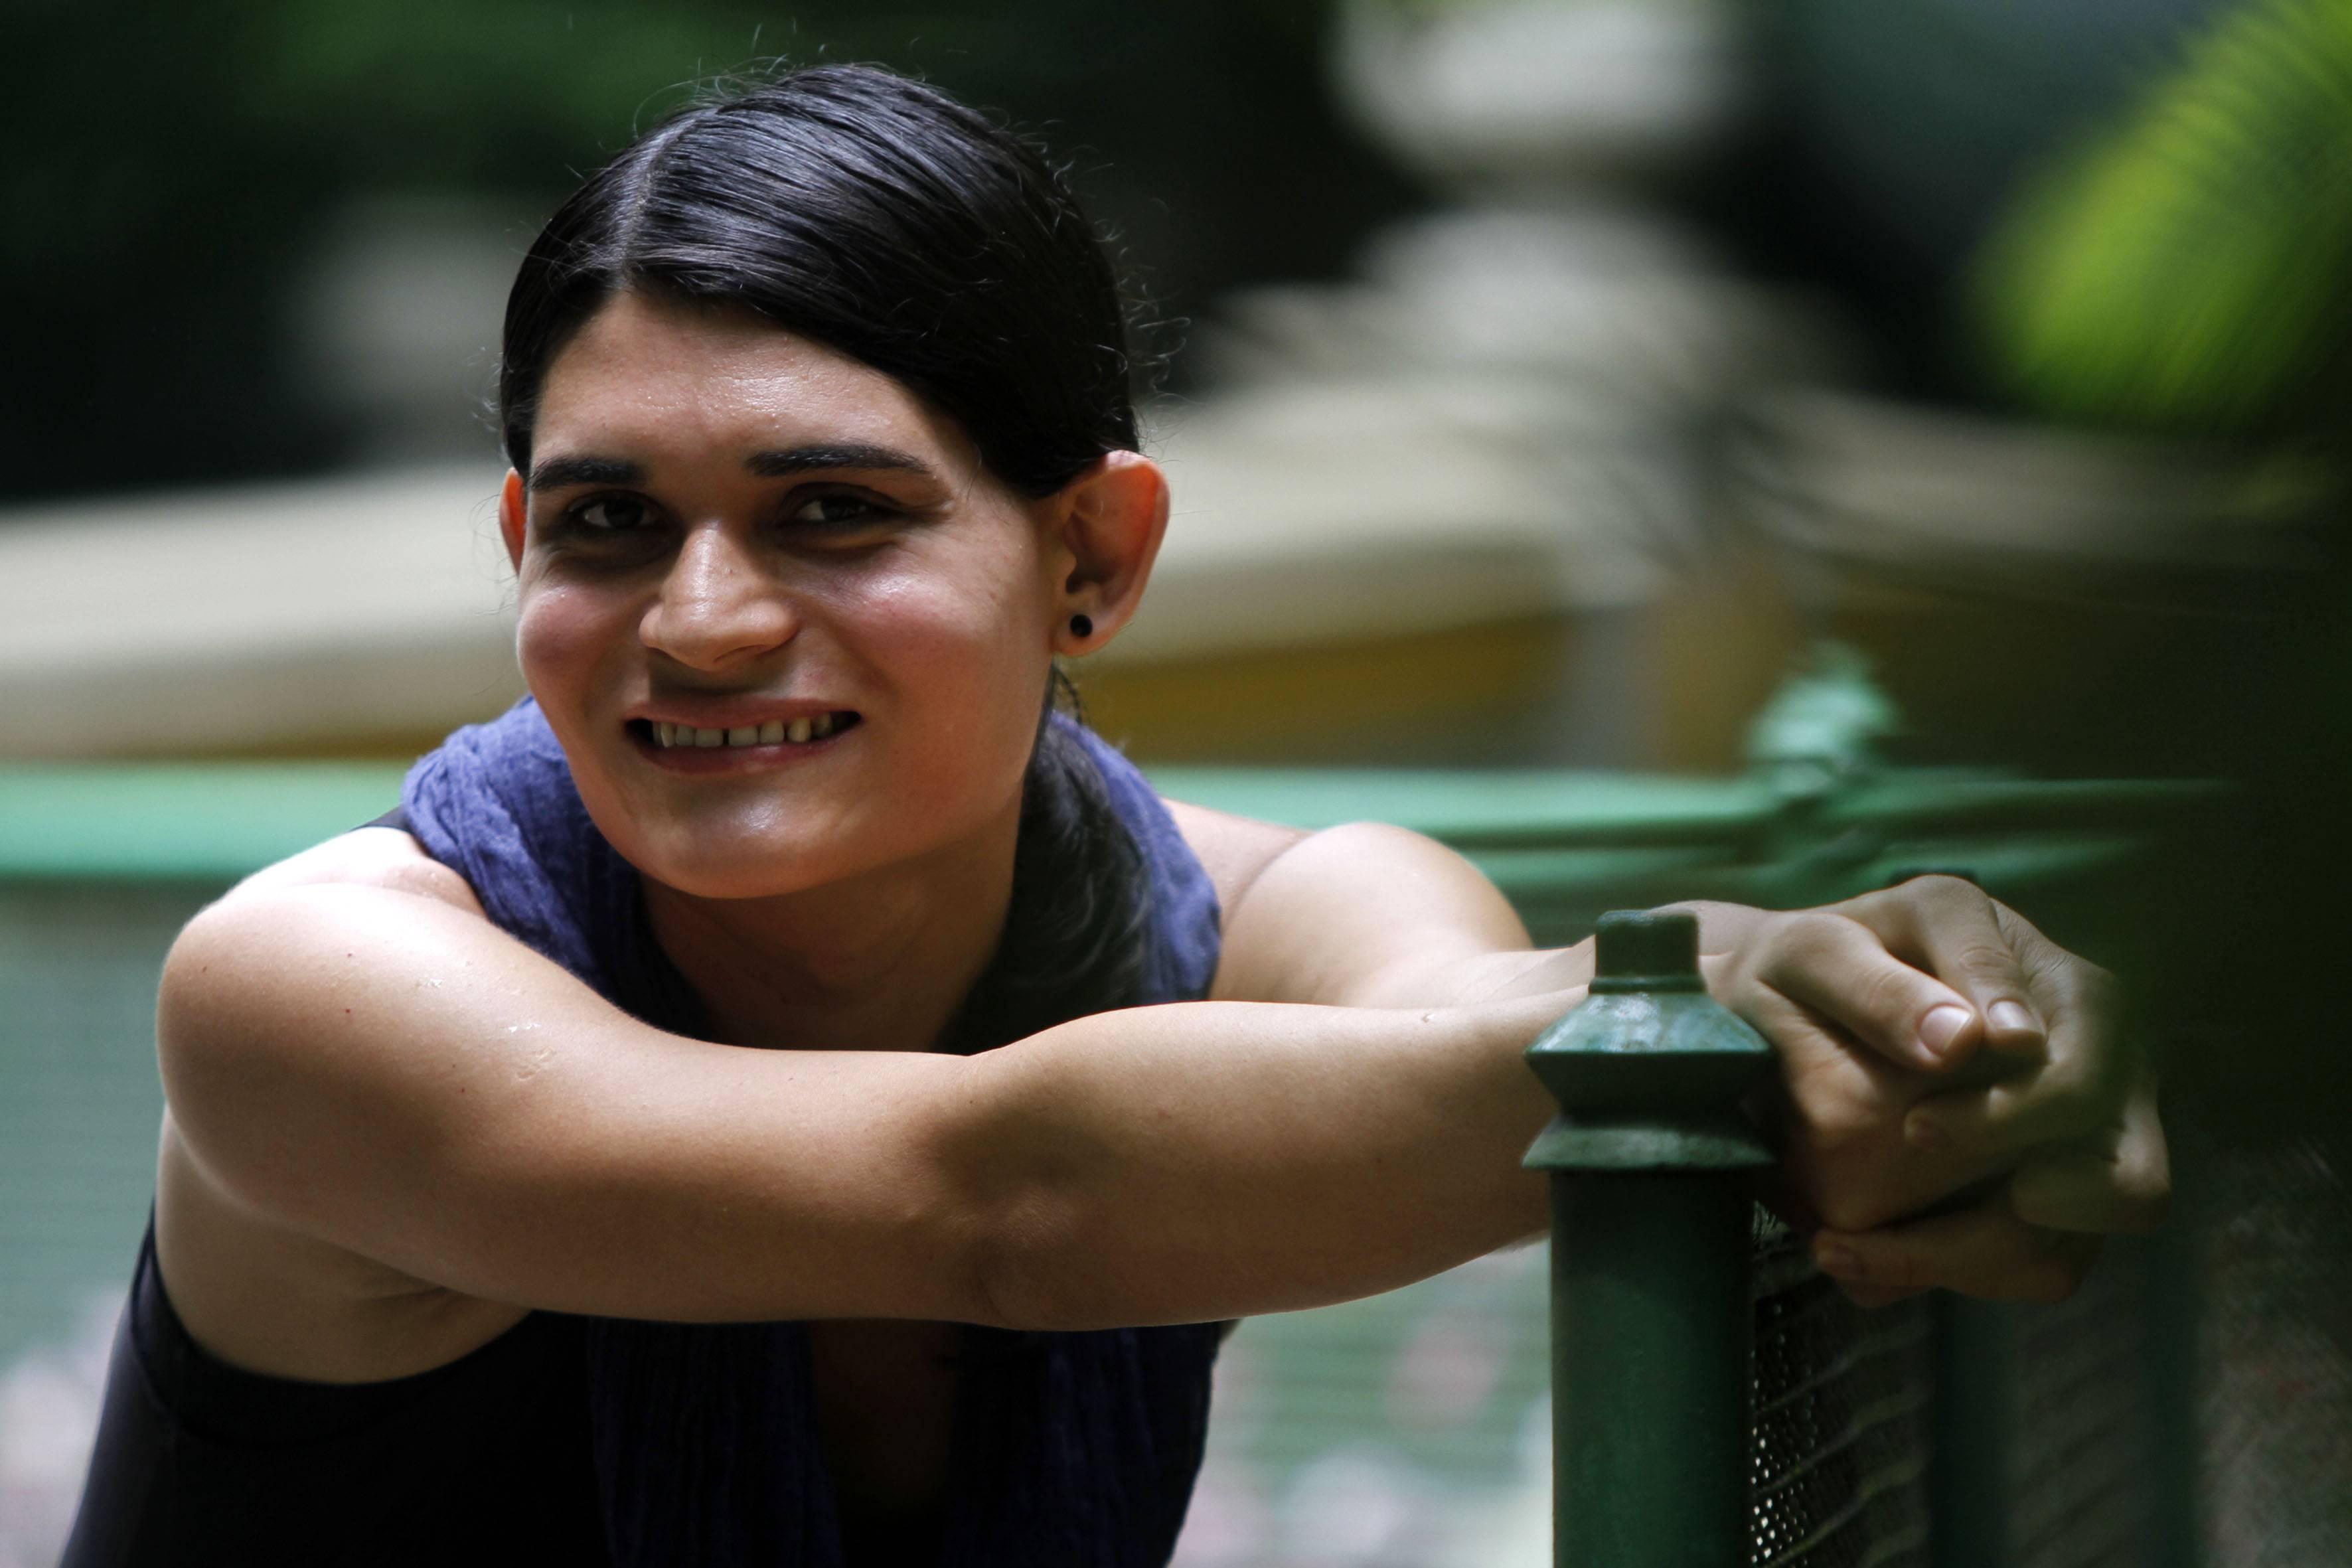 Professora Alfonsina Araújo, 30 anos passou por processo de readequação de gênero | Foto: Cristino Martins / AG. PARÁ